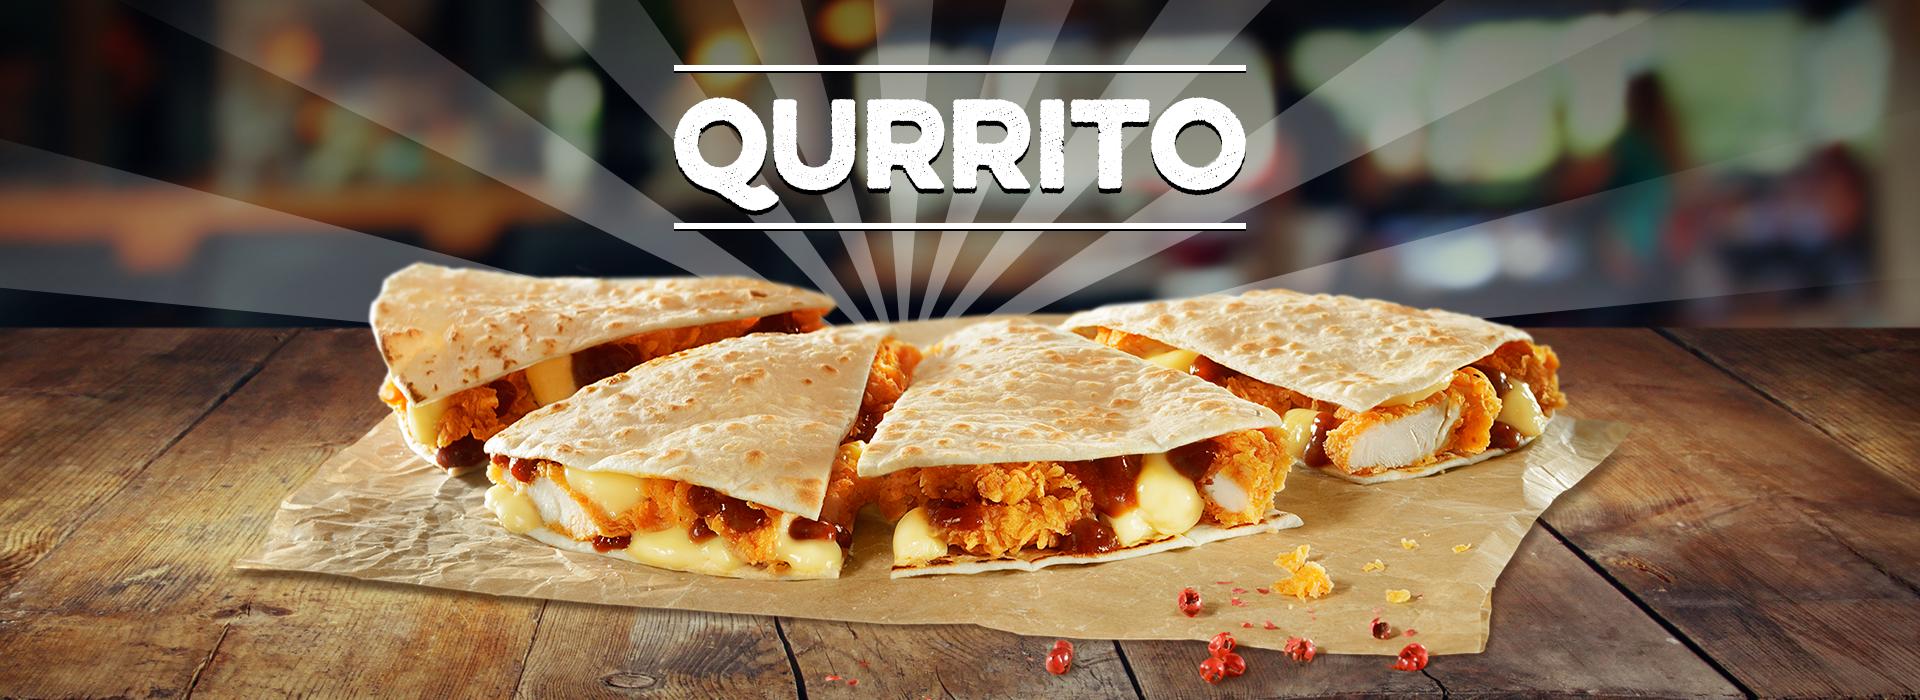 KFC_website_cover_qurrito